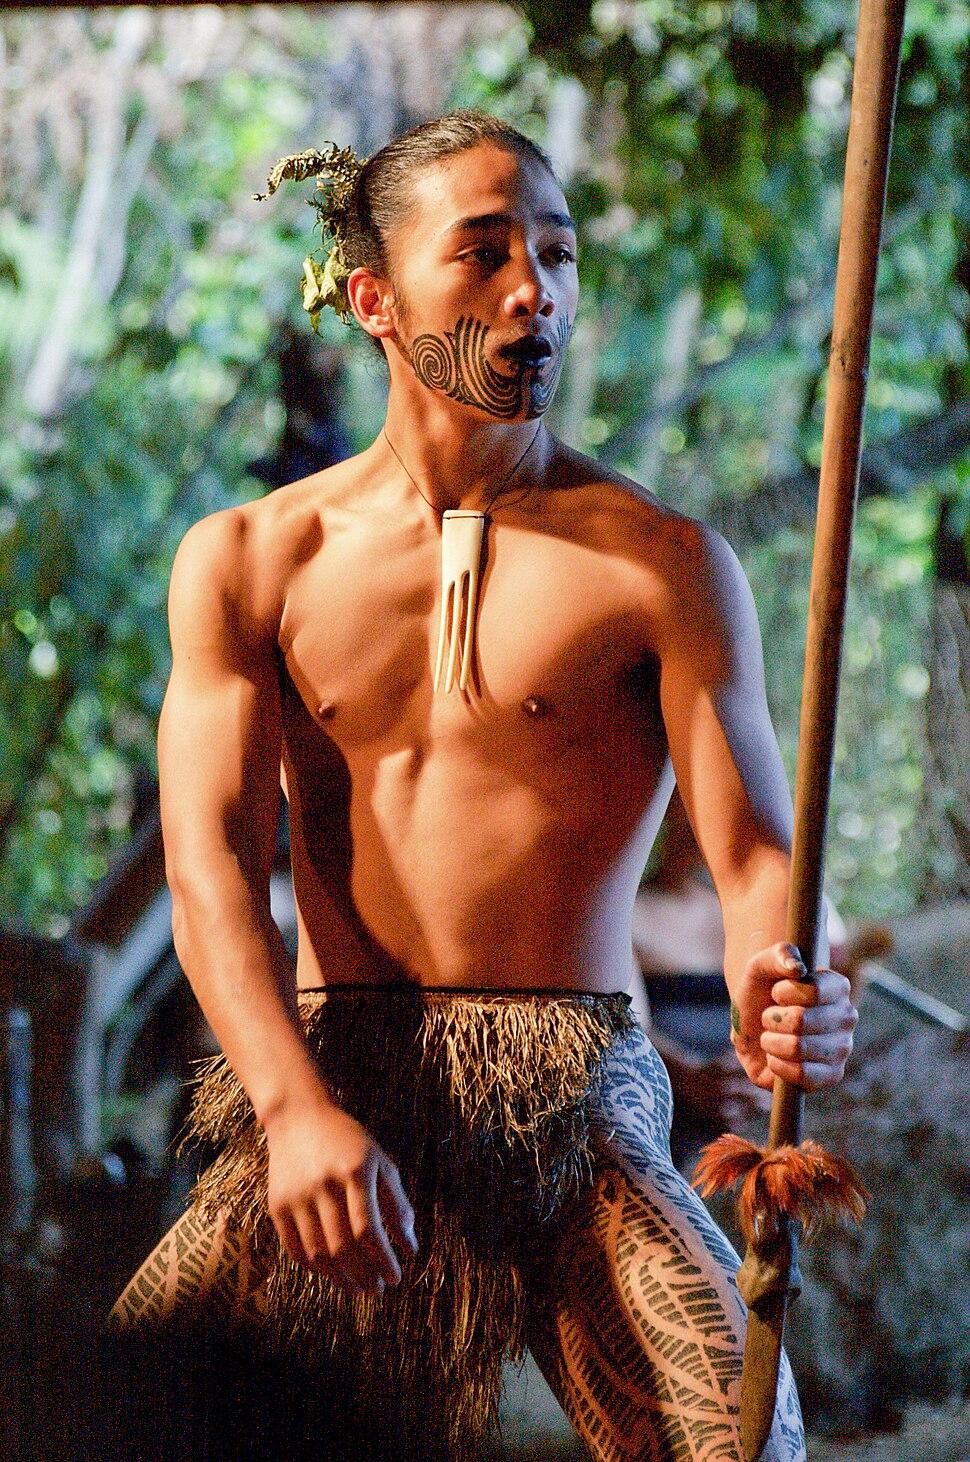 Young Maori man dancing